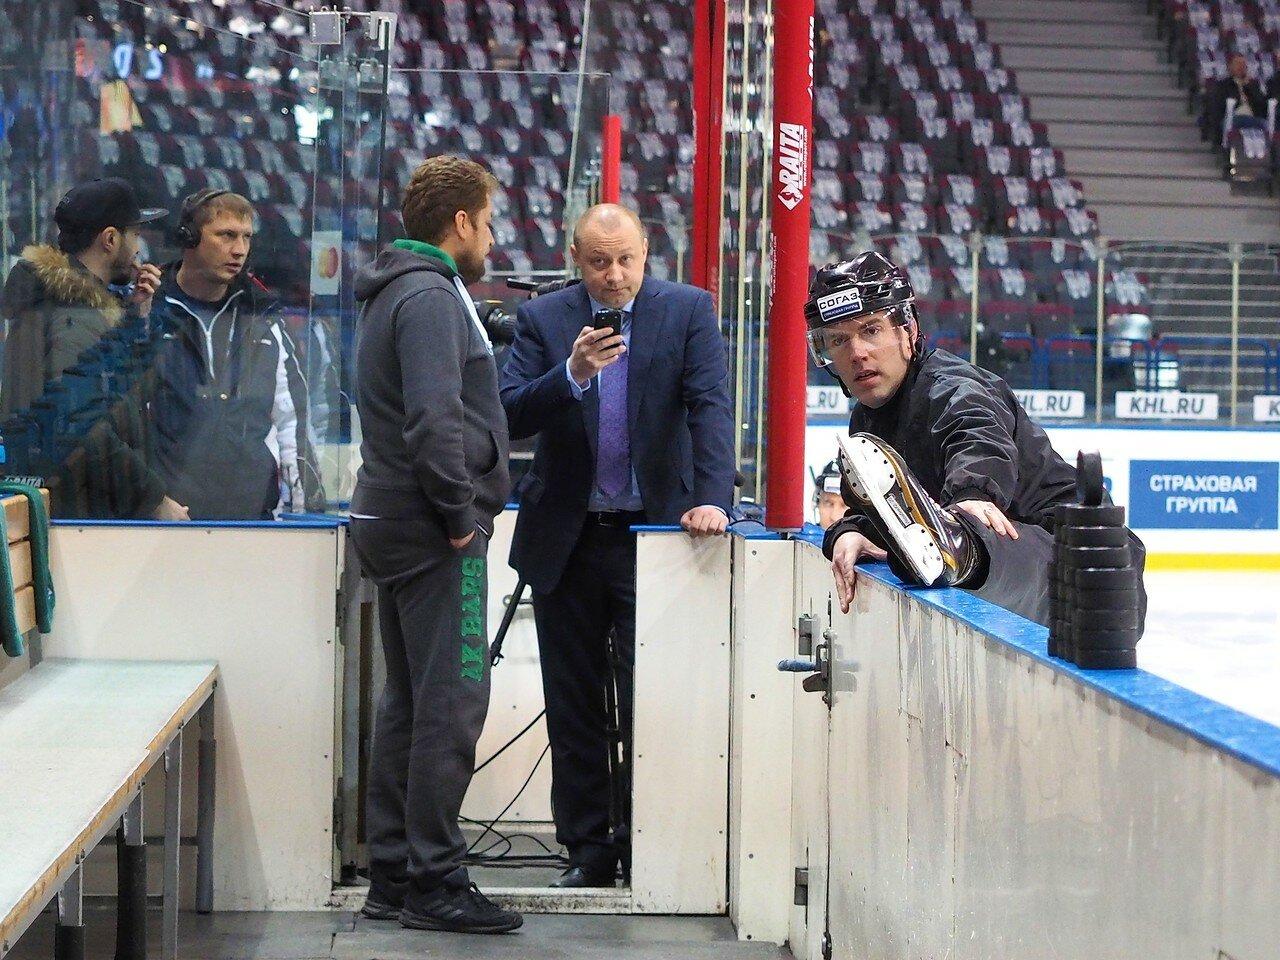 7 Первая игра финала плей-офф восточной конференции 2017 Металлург - АкБарс 24.03.2017